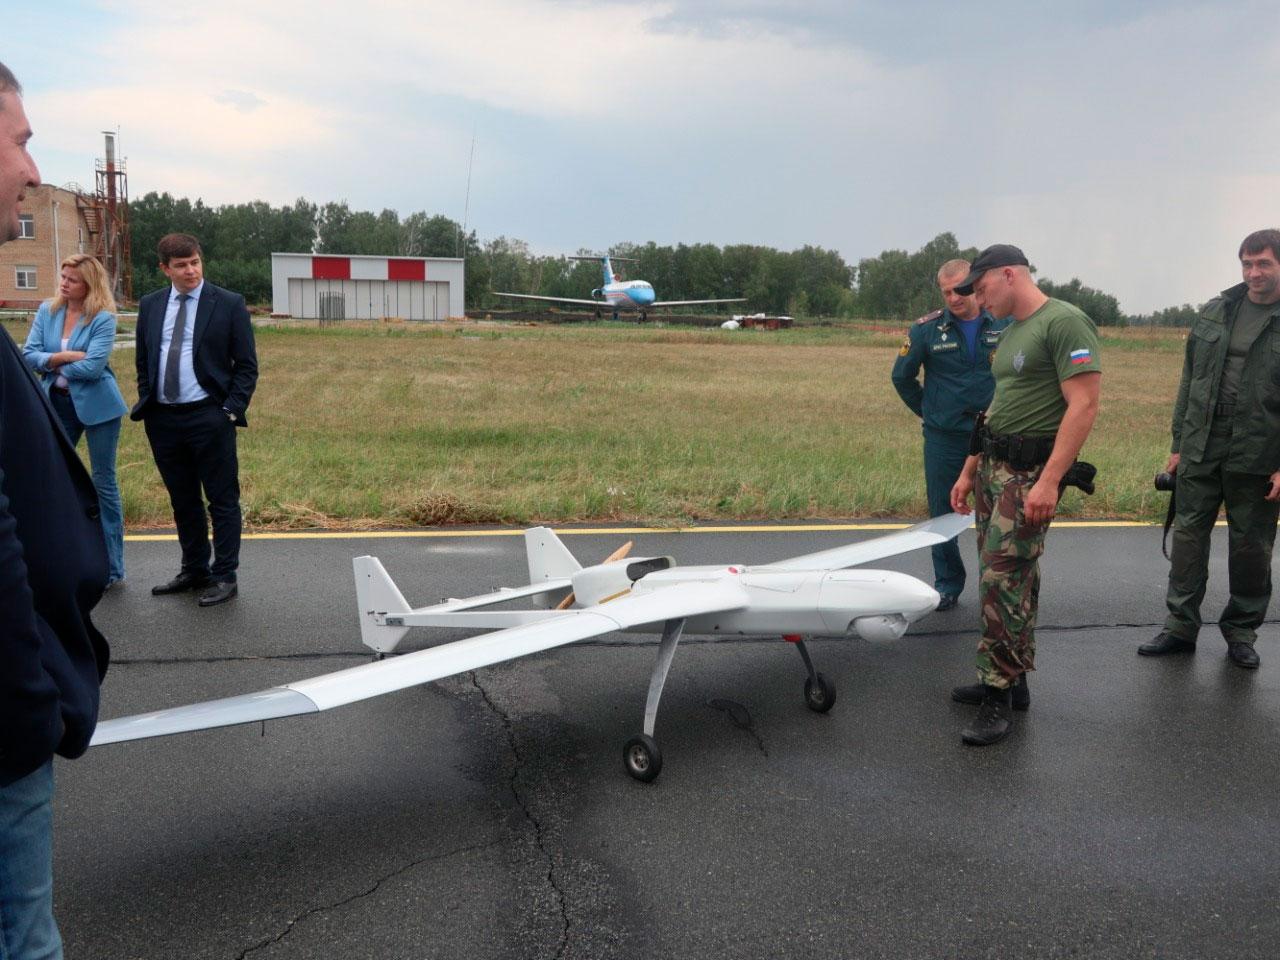 Челябинский завод заявил о готовности к промышленному выпуску дронов